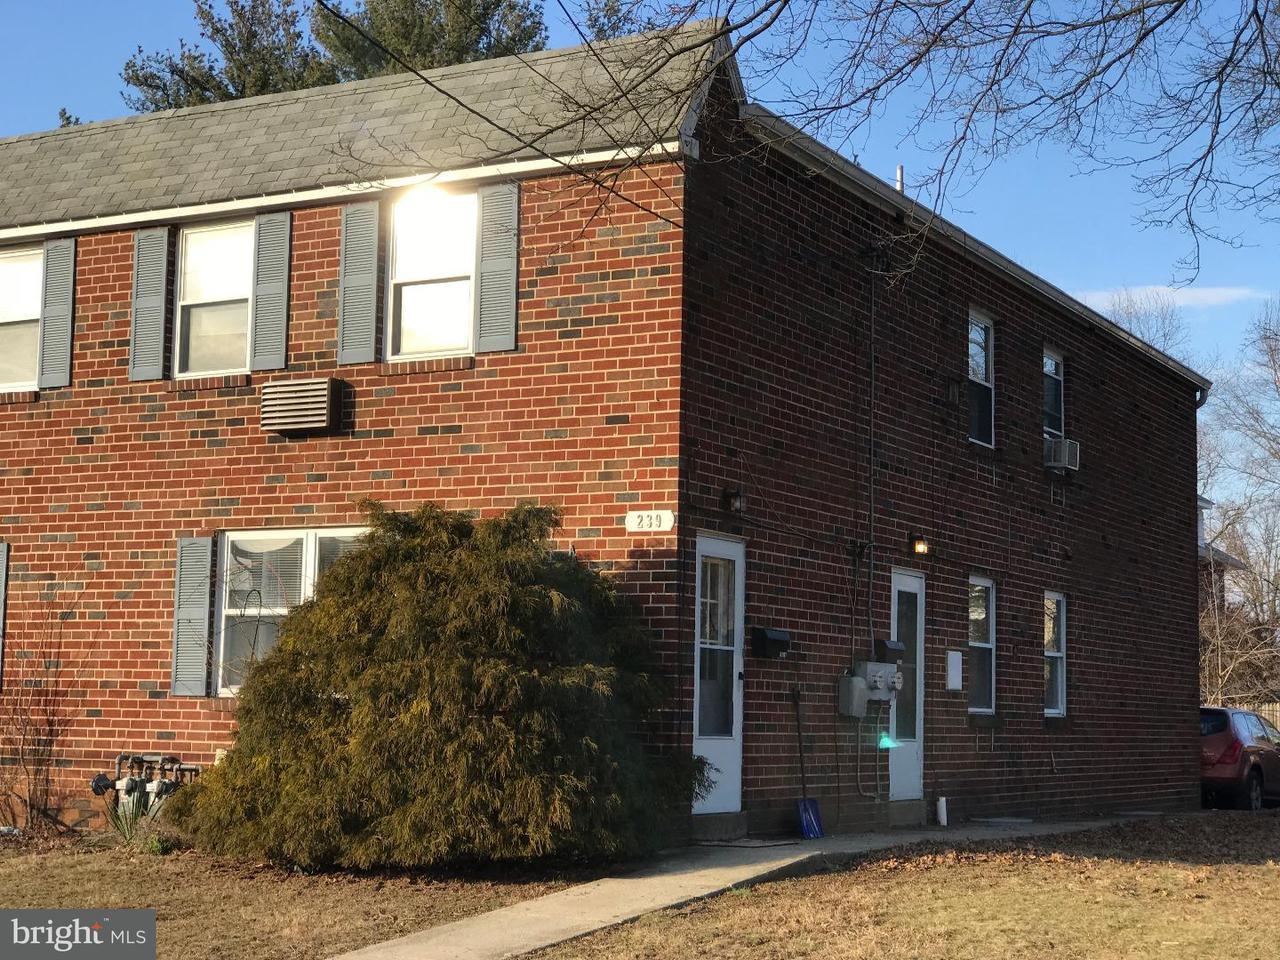 Casa unifamiliar adosada (Townhouse) por un Alquiler en 239 S 3RD ST #A North Wales, Pennsylvania 19454 Estados Unidos